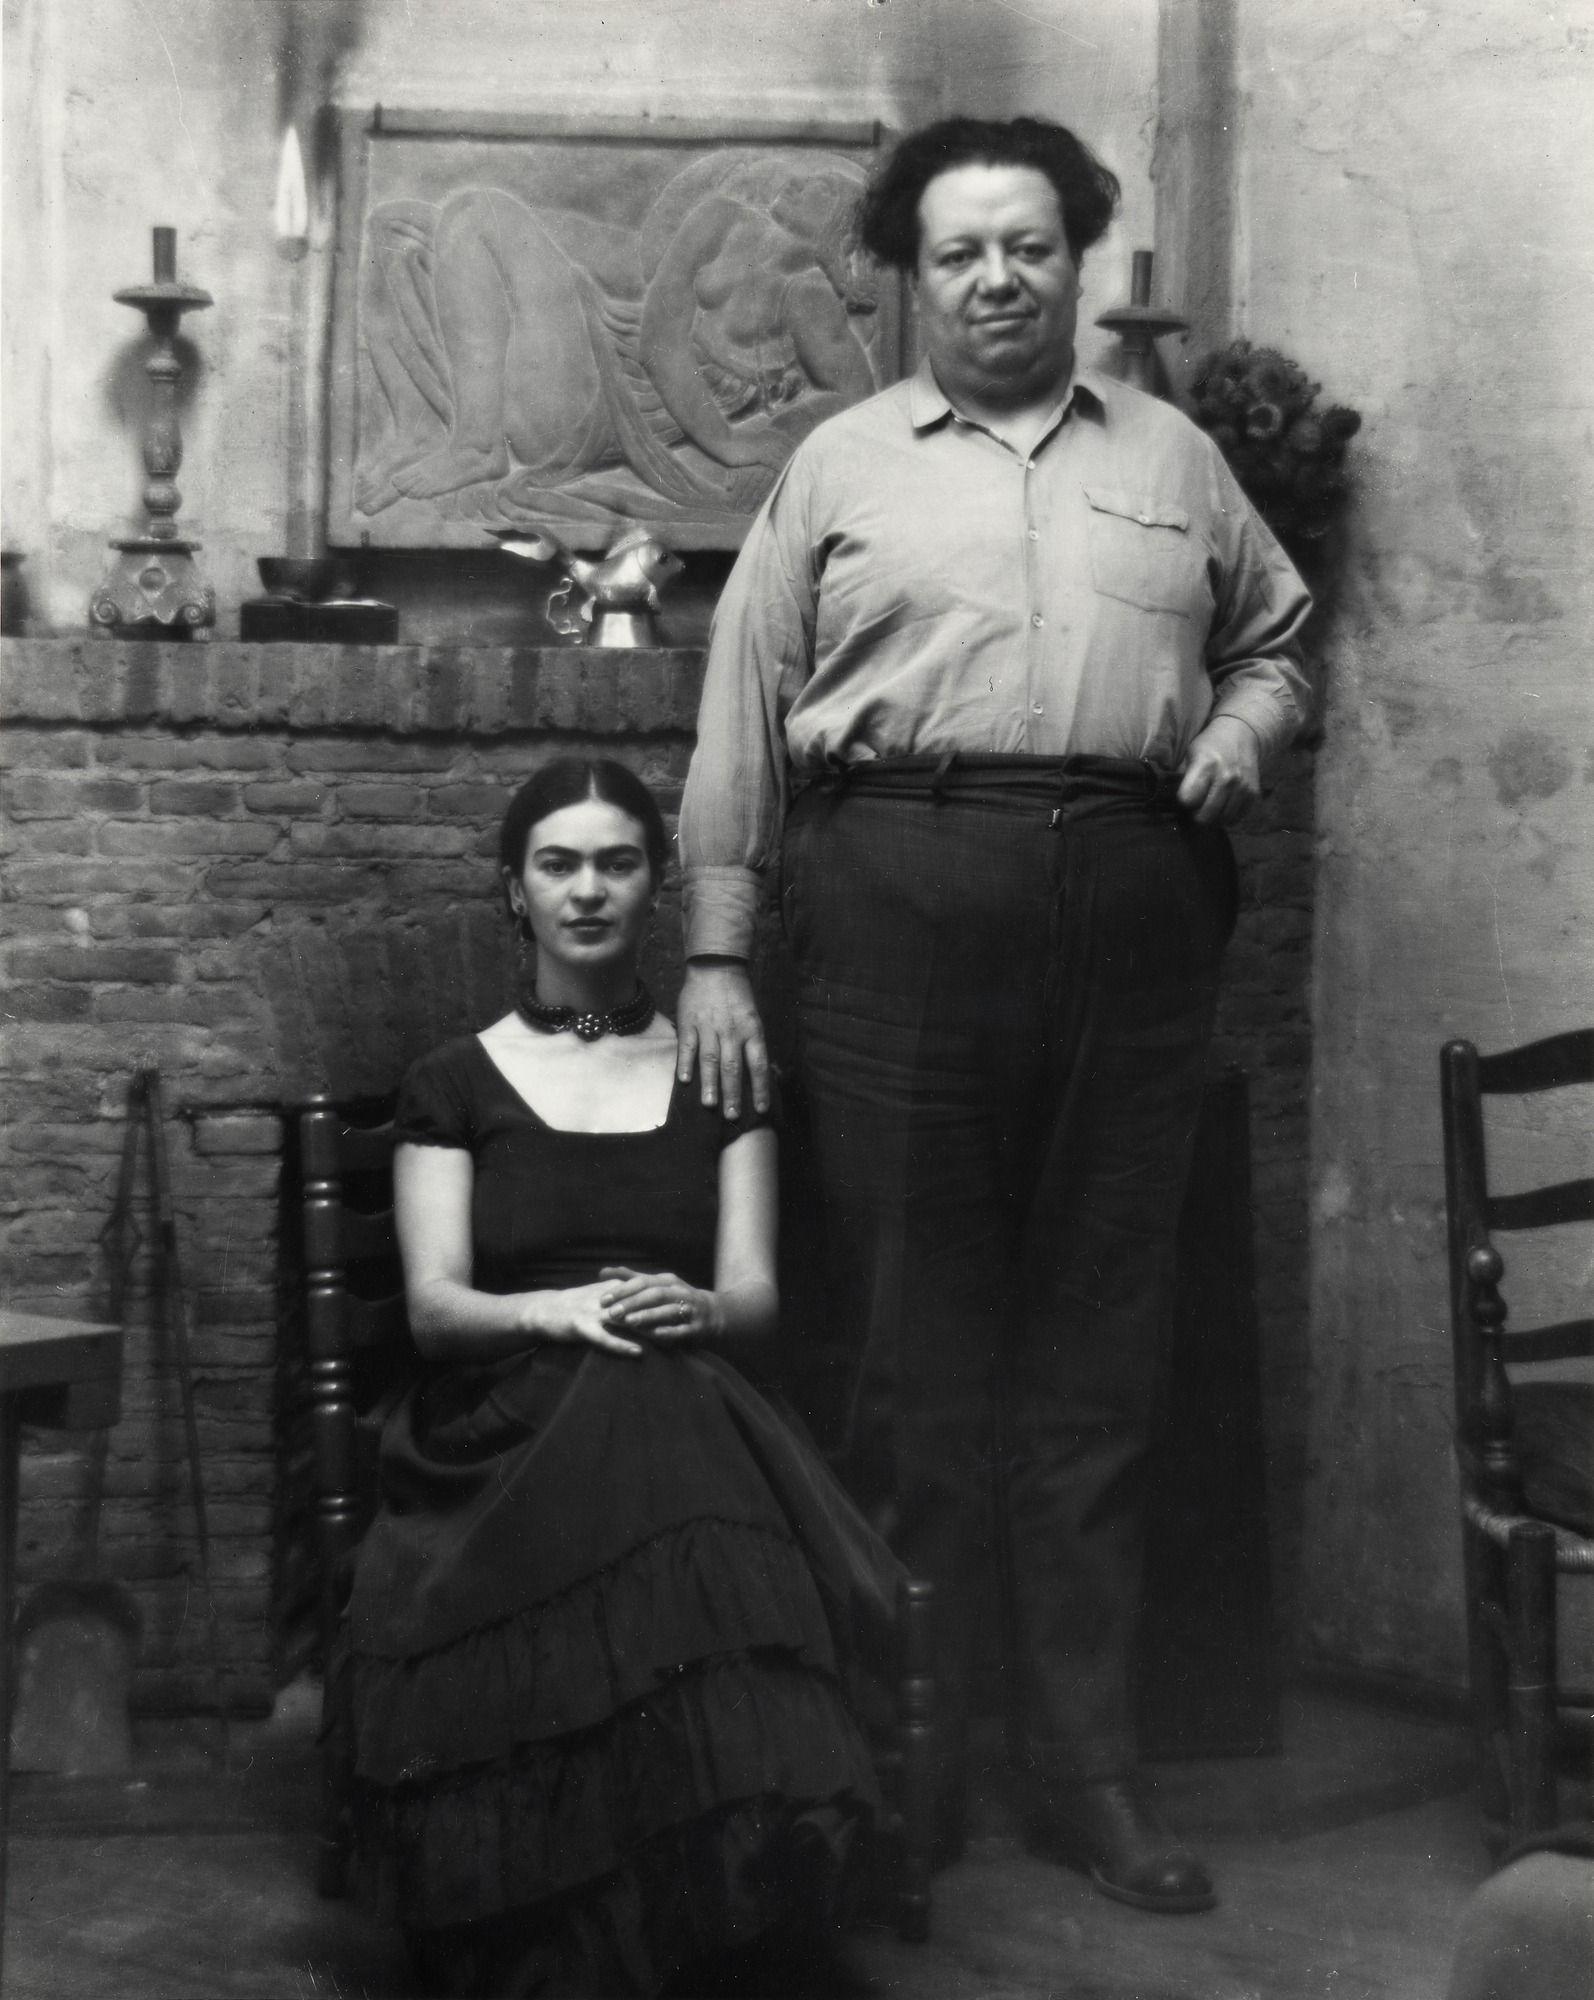 Biografia Corta De Diego Rivera Obra Completa Y Vida Del Pintor